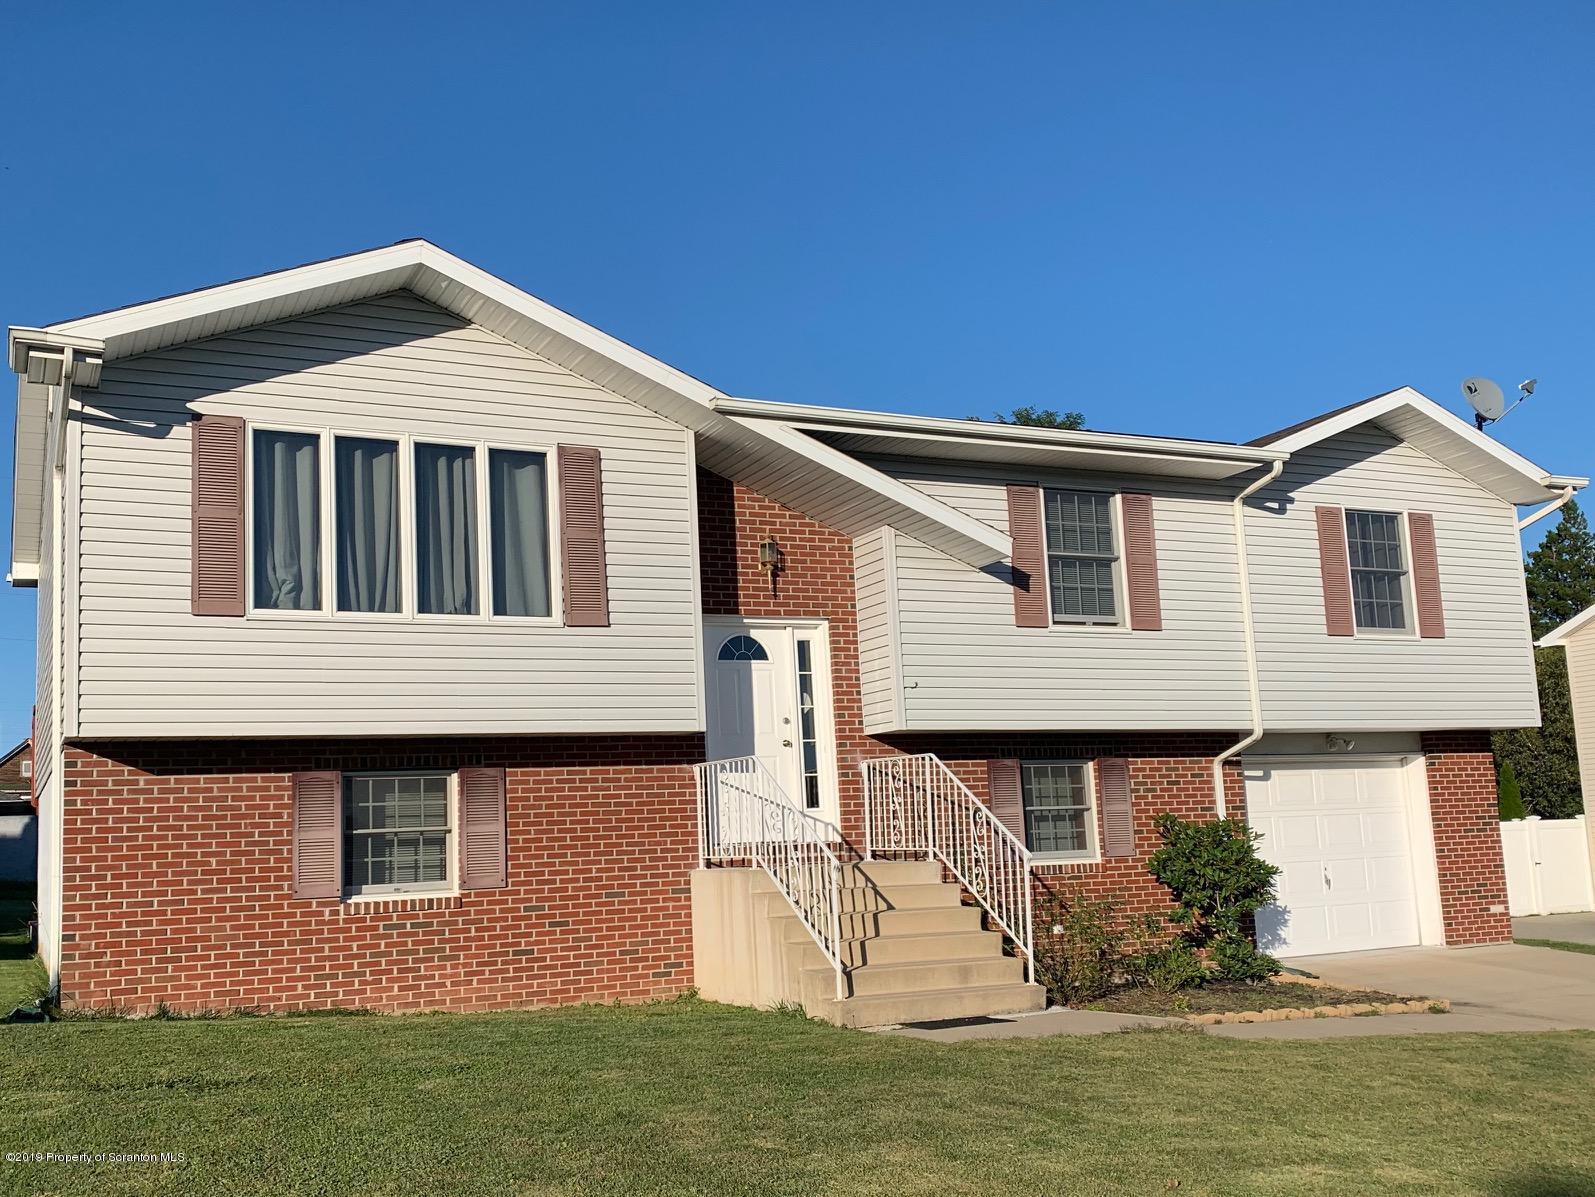 106 Girard Ave, Scranton, Pennsylvania 18504, 4 Bedrooms Bedrooms, 8 Rooms Rooms,3 BathroomsBathrooms,Single Family,For Sale,Girard,19-4550